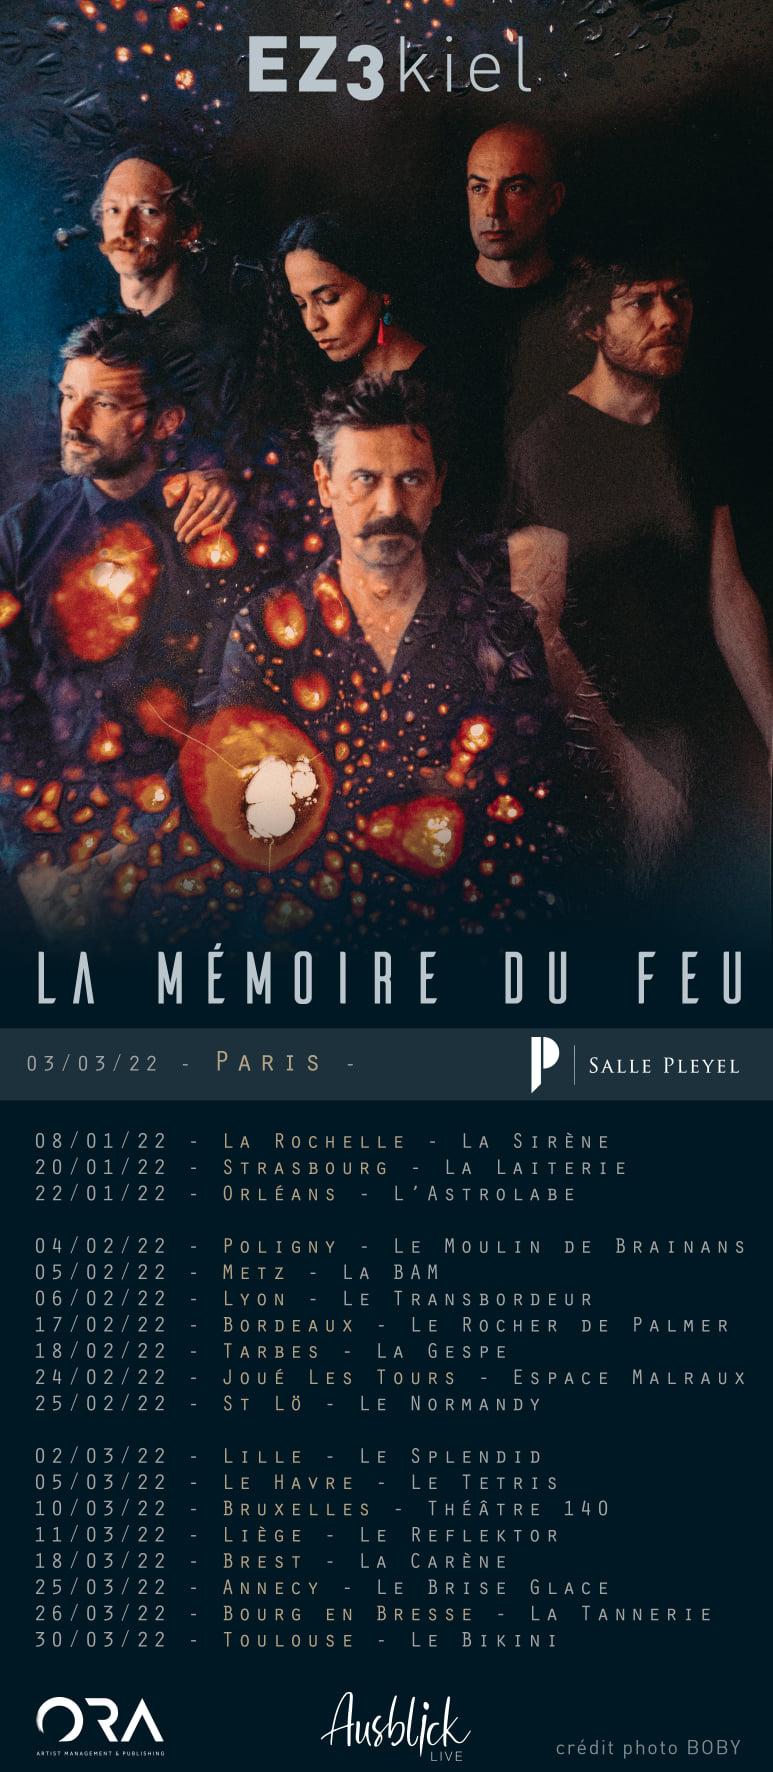 Ez3kiel @ Salle Pleyel (Paris) - 03 mars 2022